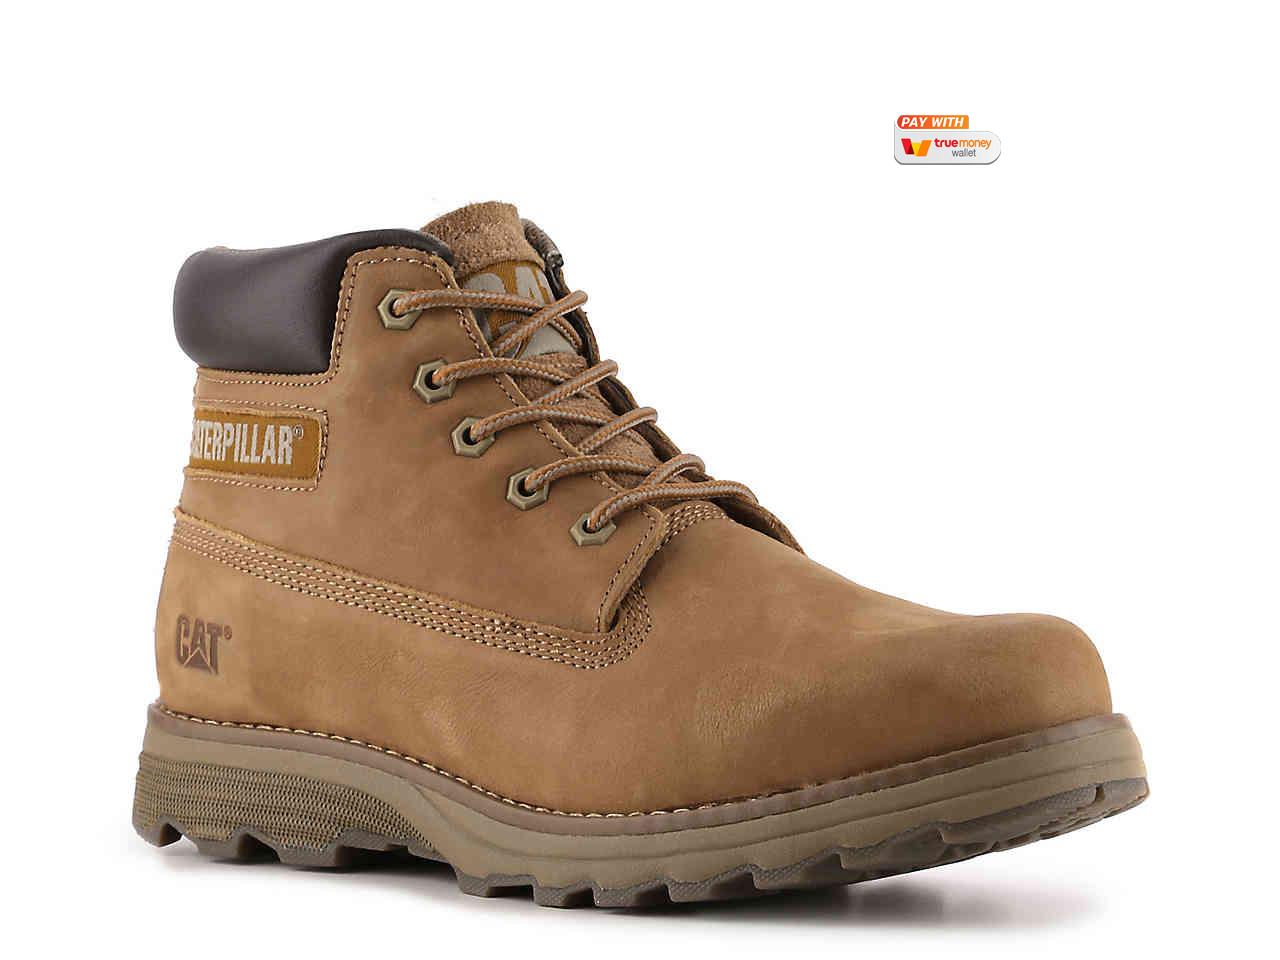 รองเท้า Caterpillar FOUNDER BOOT กันน้ำ Size 40 - 45